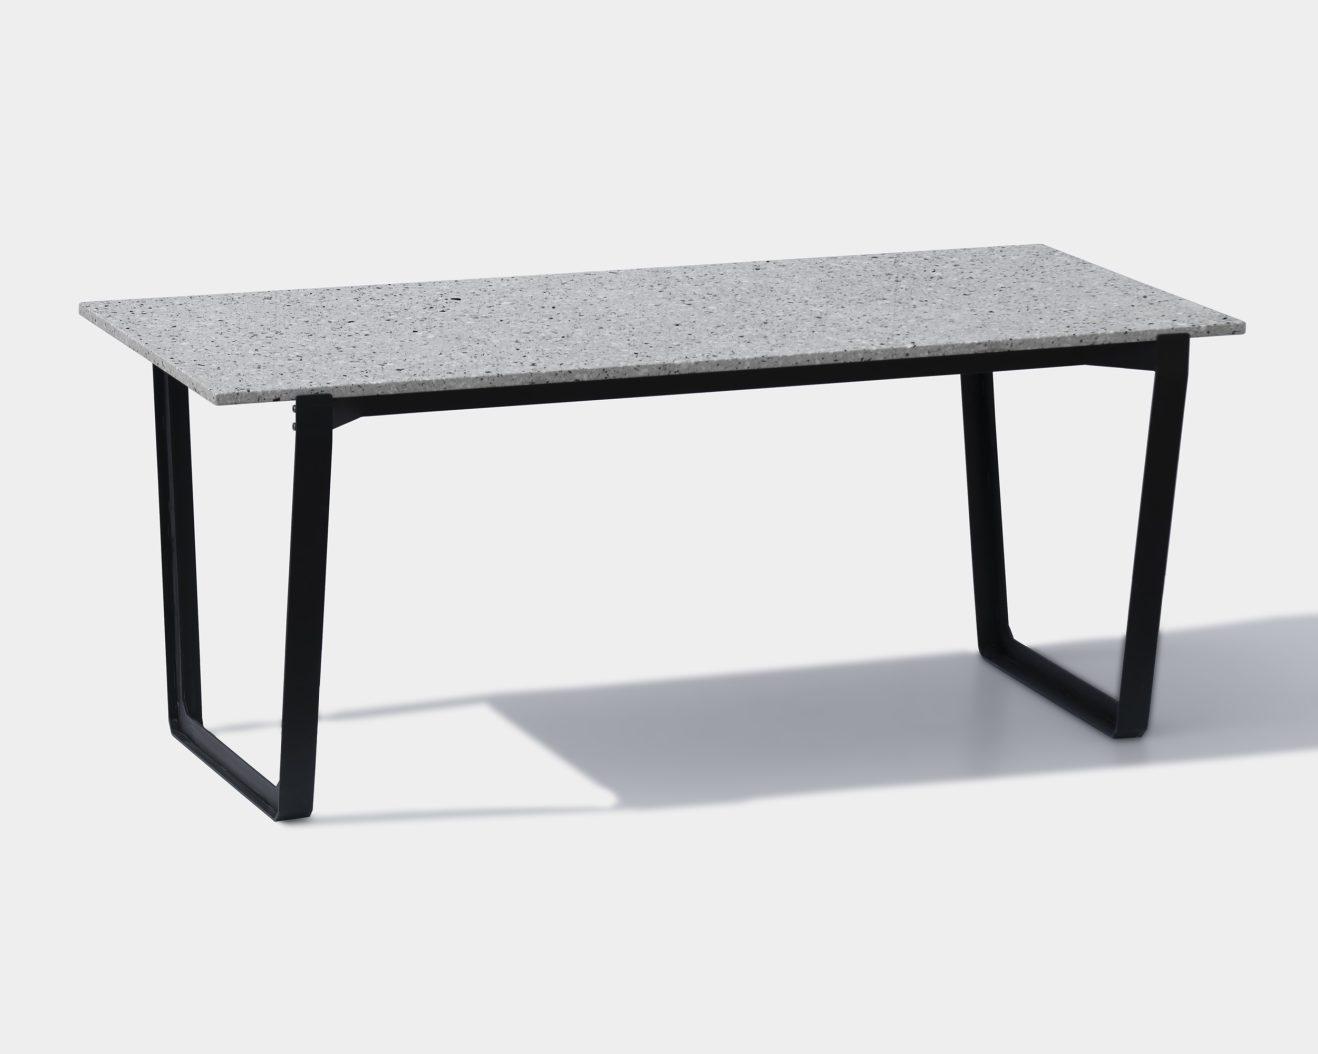 Bentu-Design-terrazzo-table-Nian-2